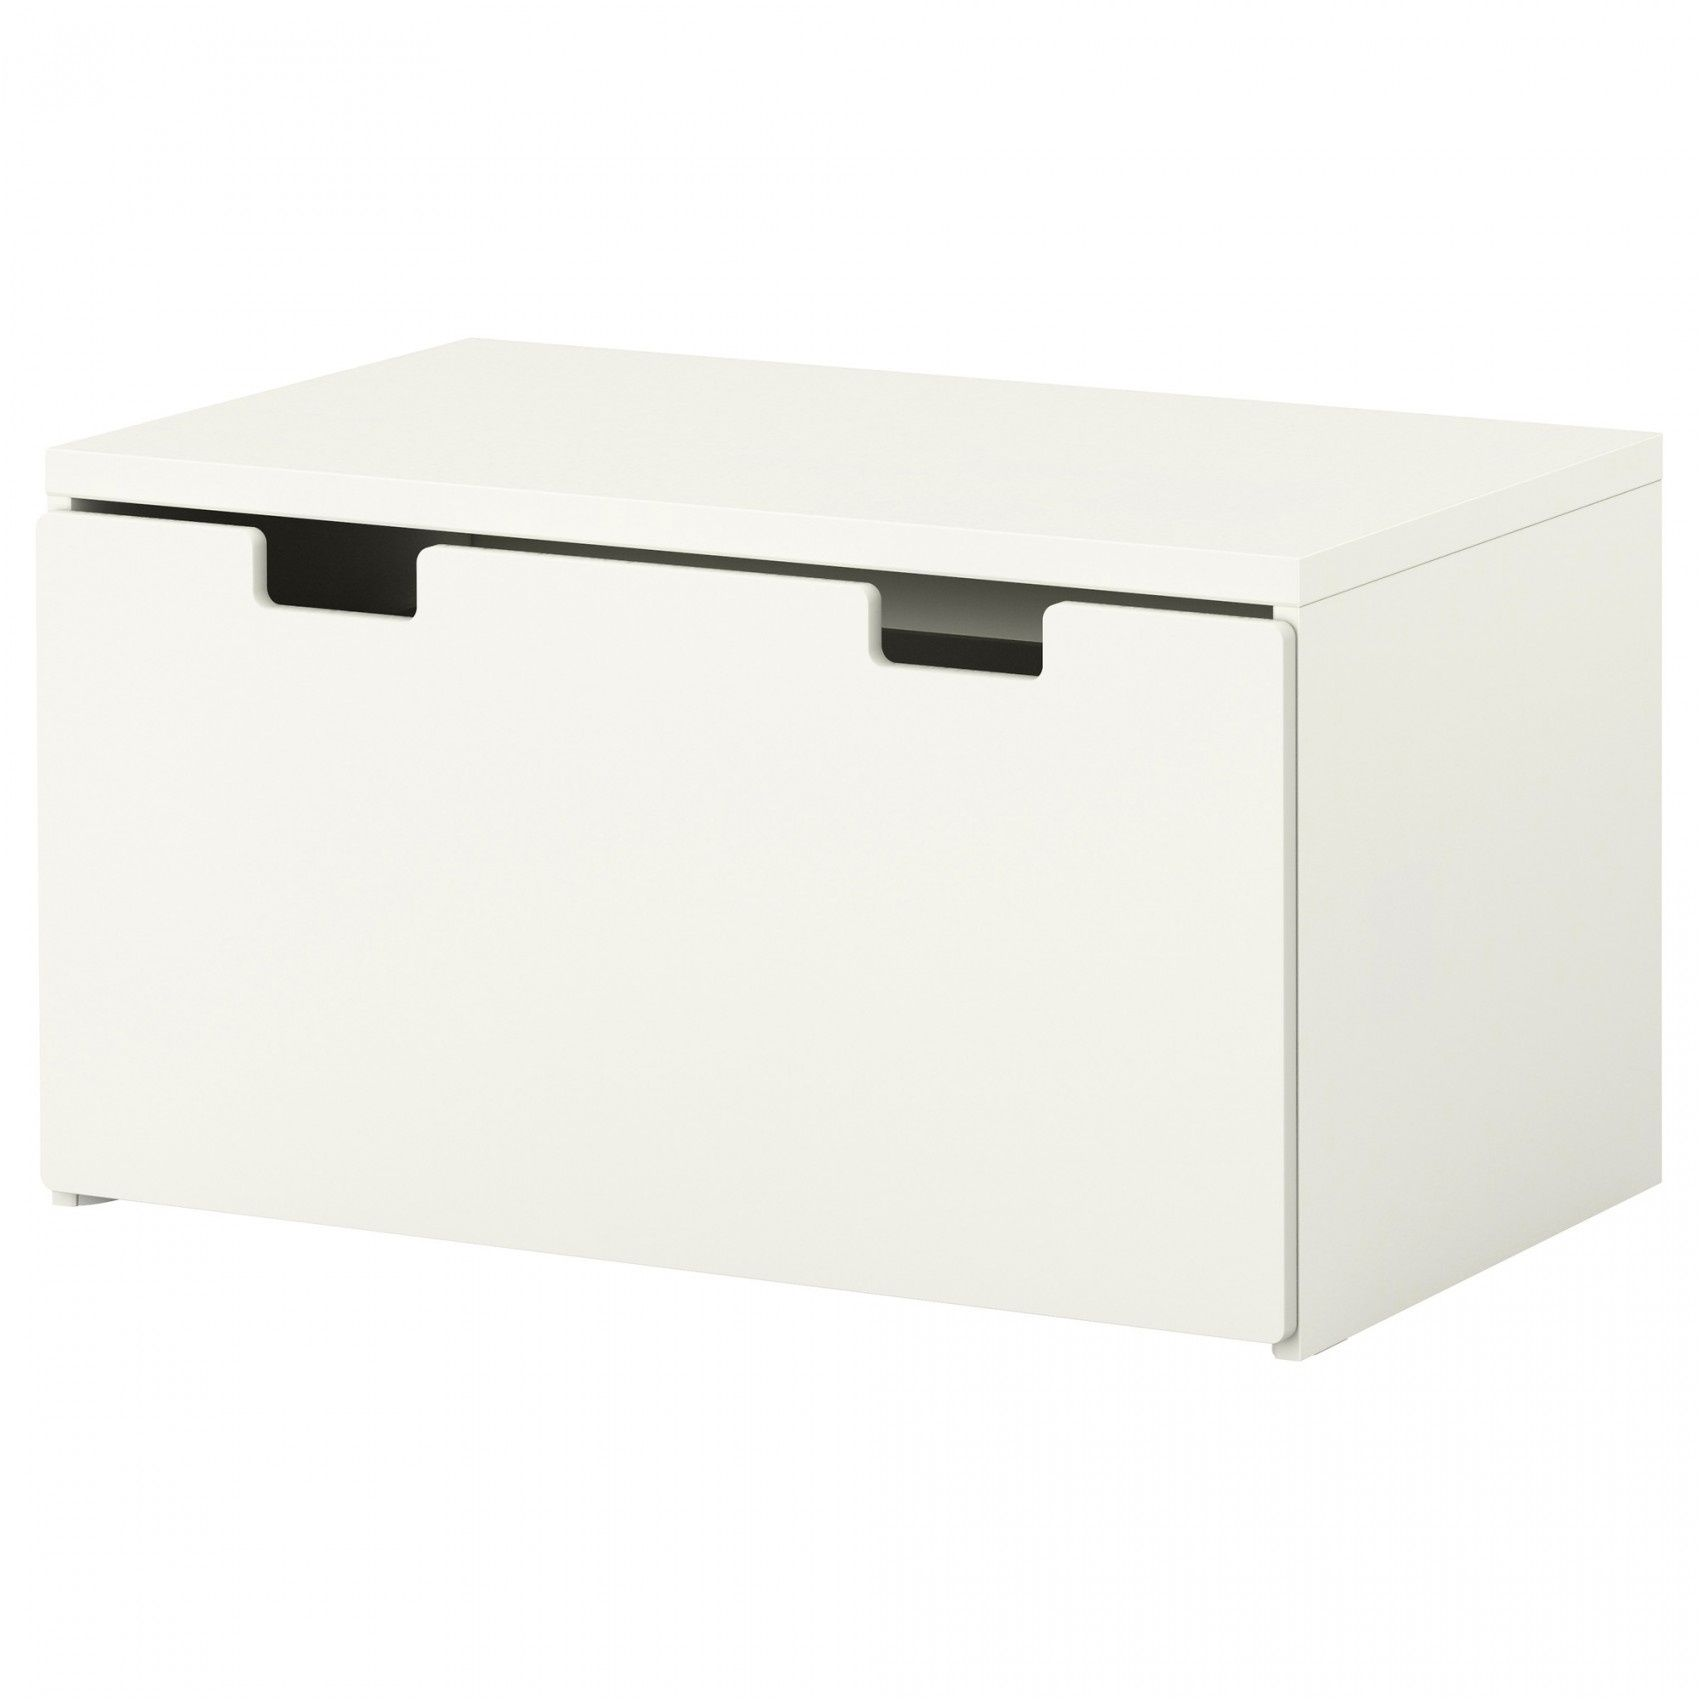 25 Best Ikea Hacks Avec Images Rangement Maison Idee De Decoration Mobilier De Salon